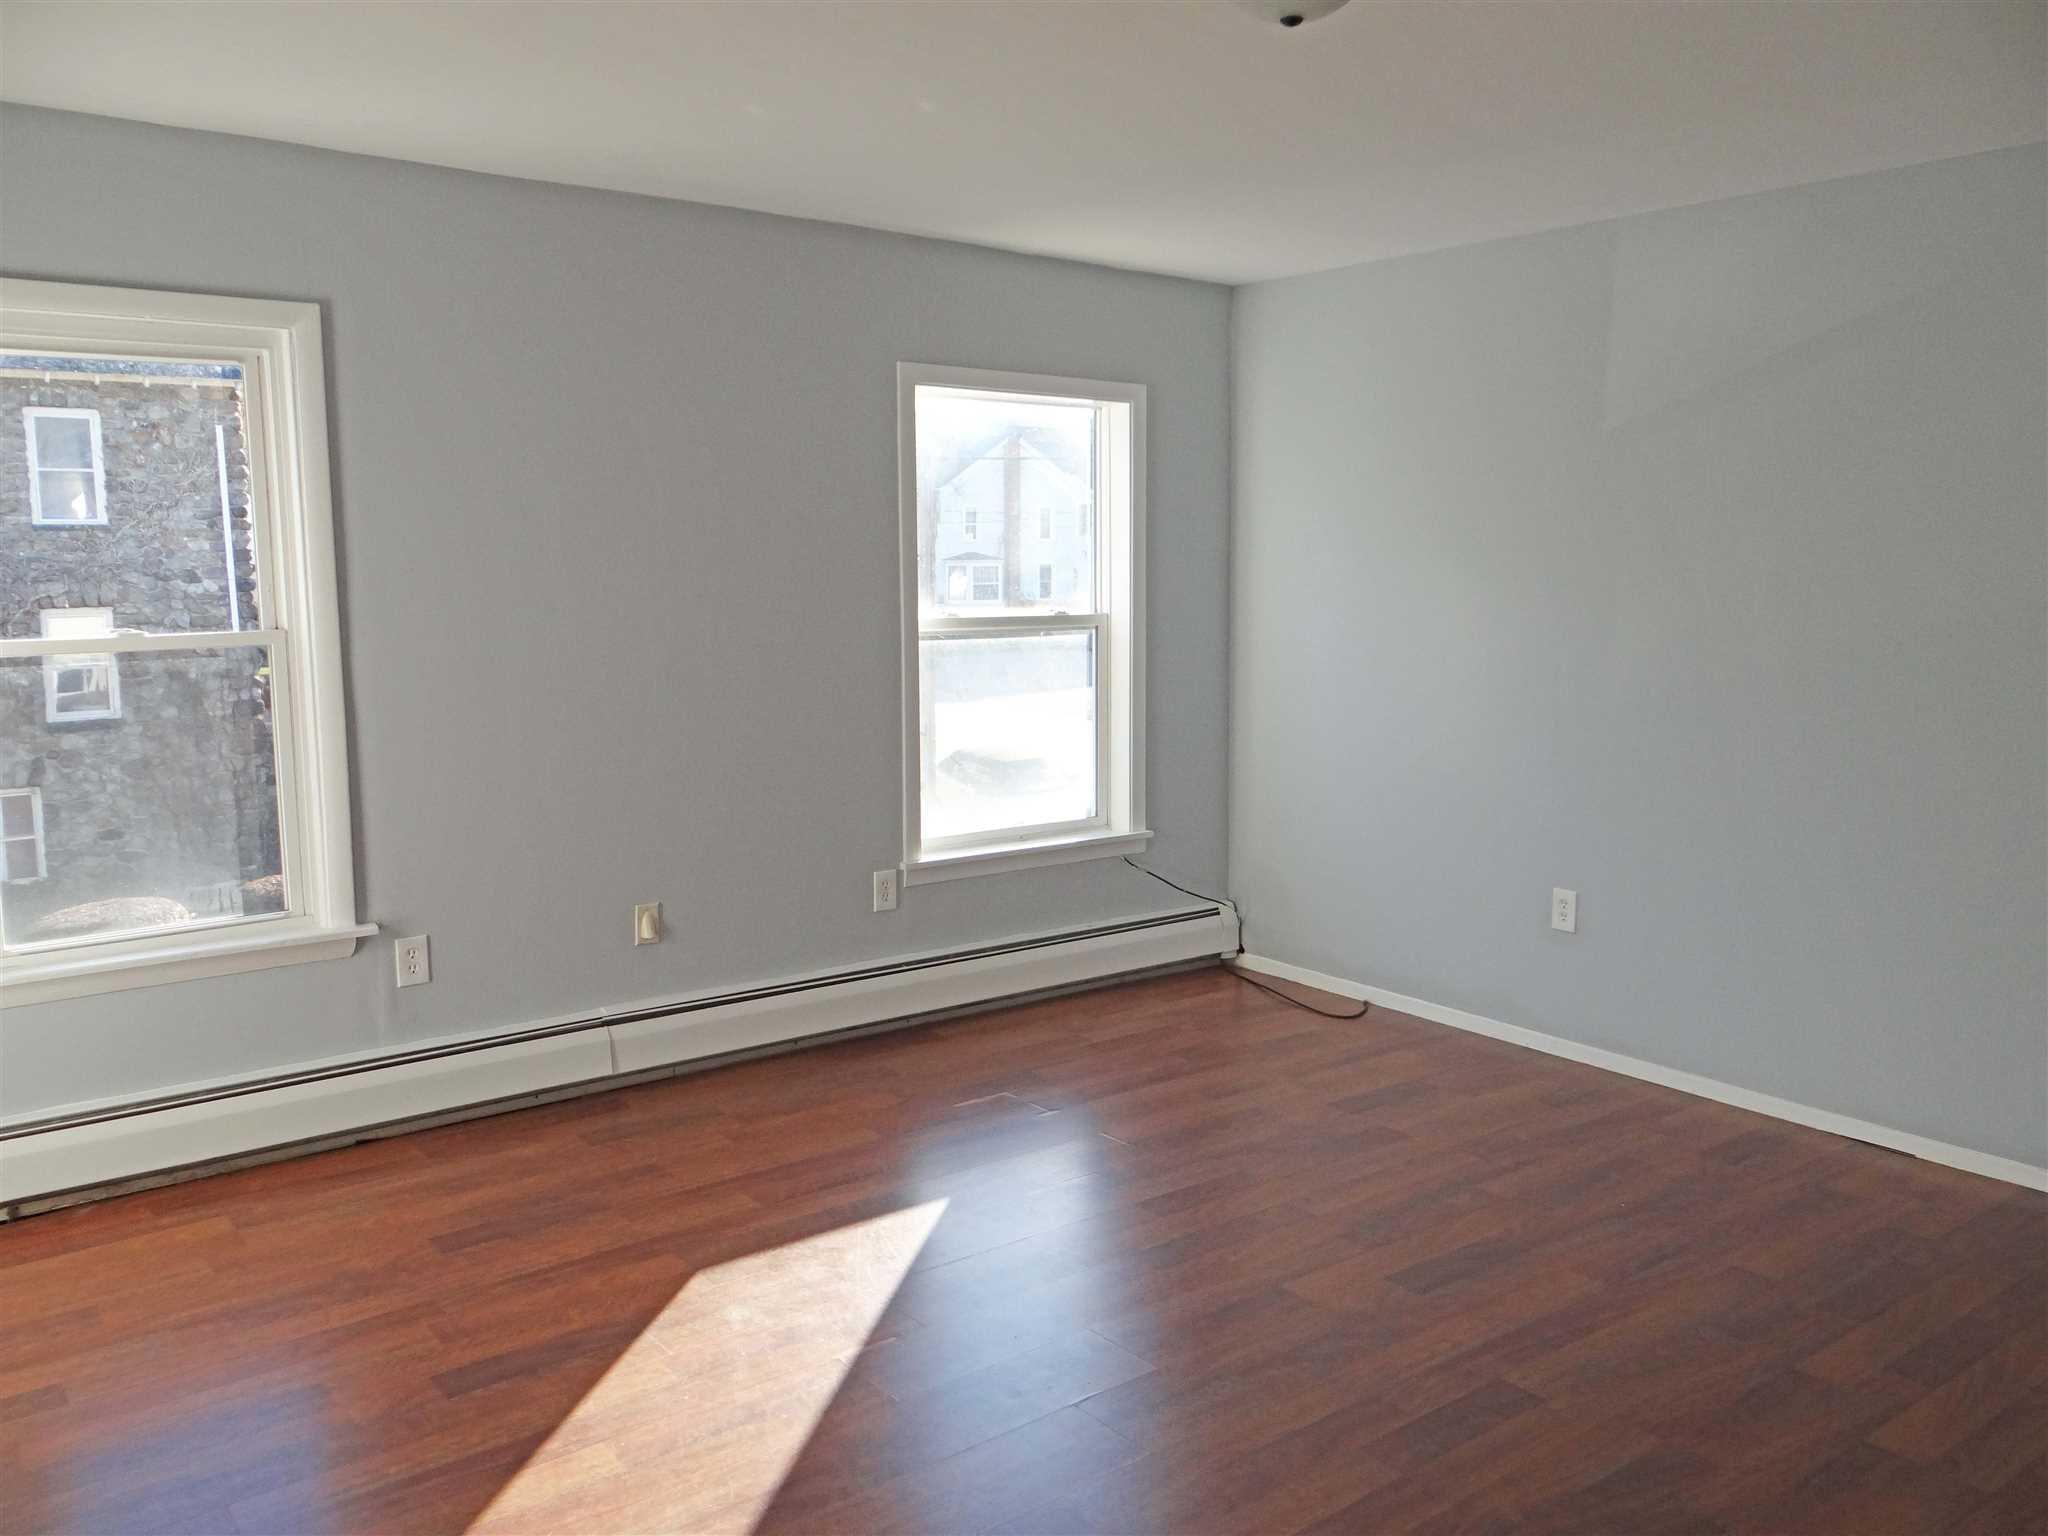 Additional photo for property listing at 11 WASHINGTON AVENUE 11 WASHINGTON AVENUE Millbrook, New York 12545 United States